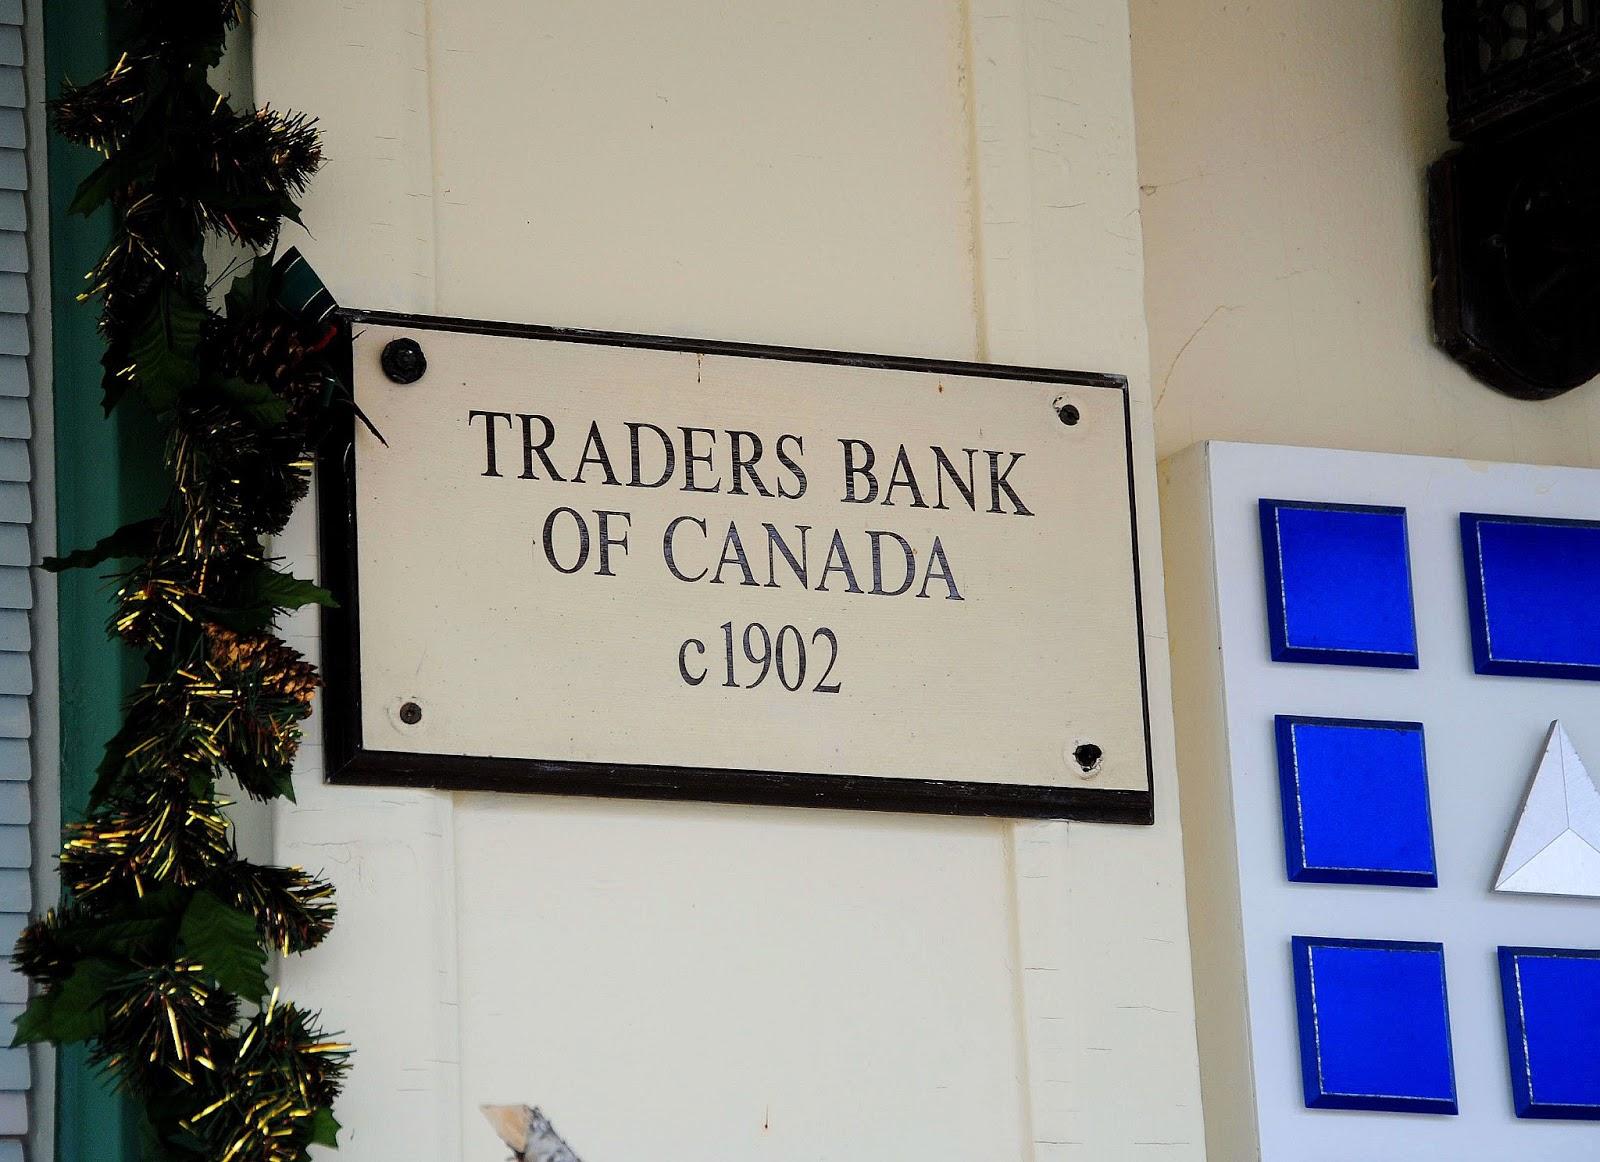 Royal bank of canada options trading